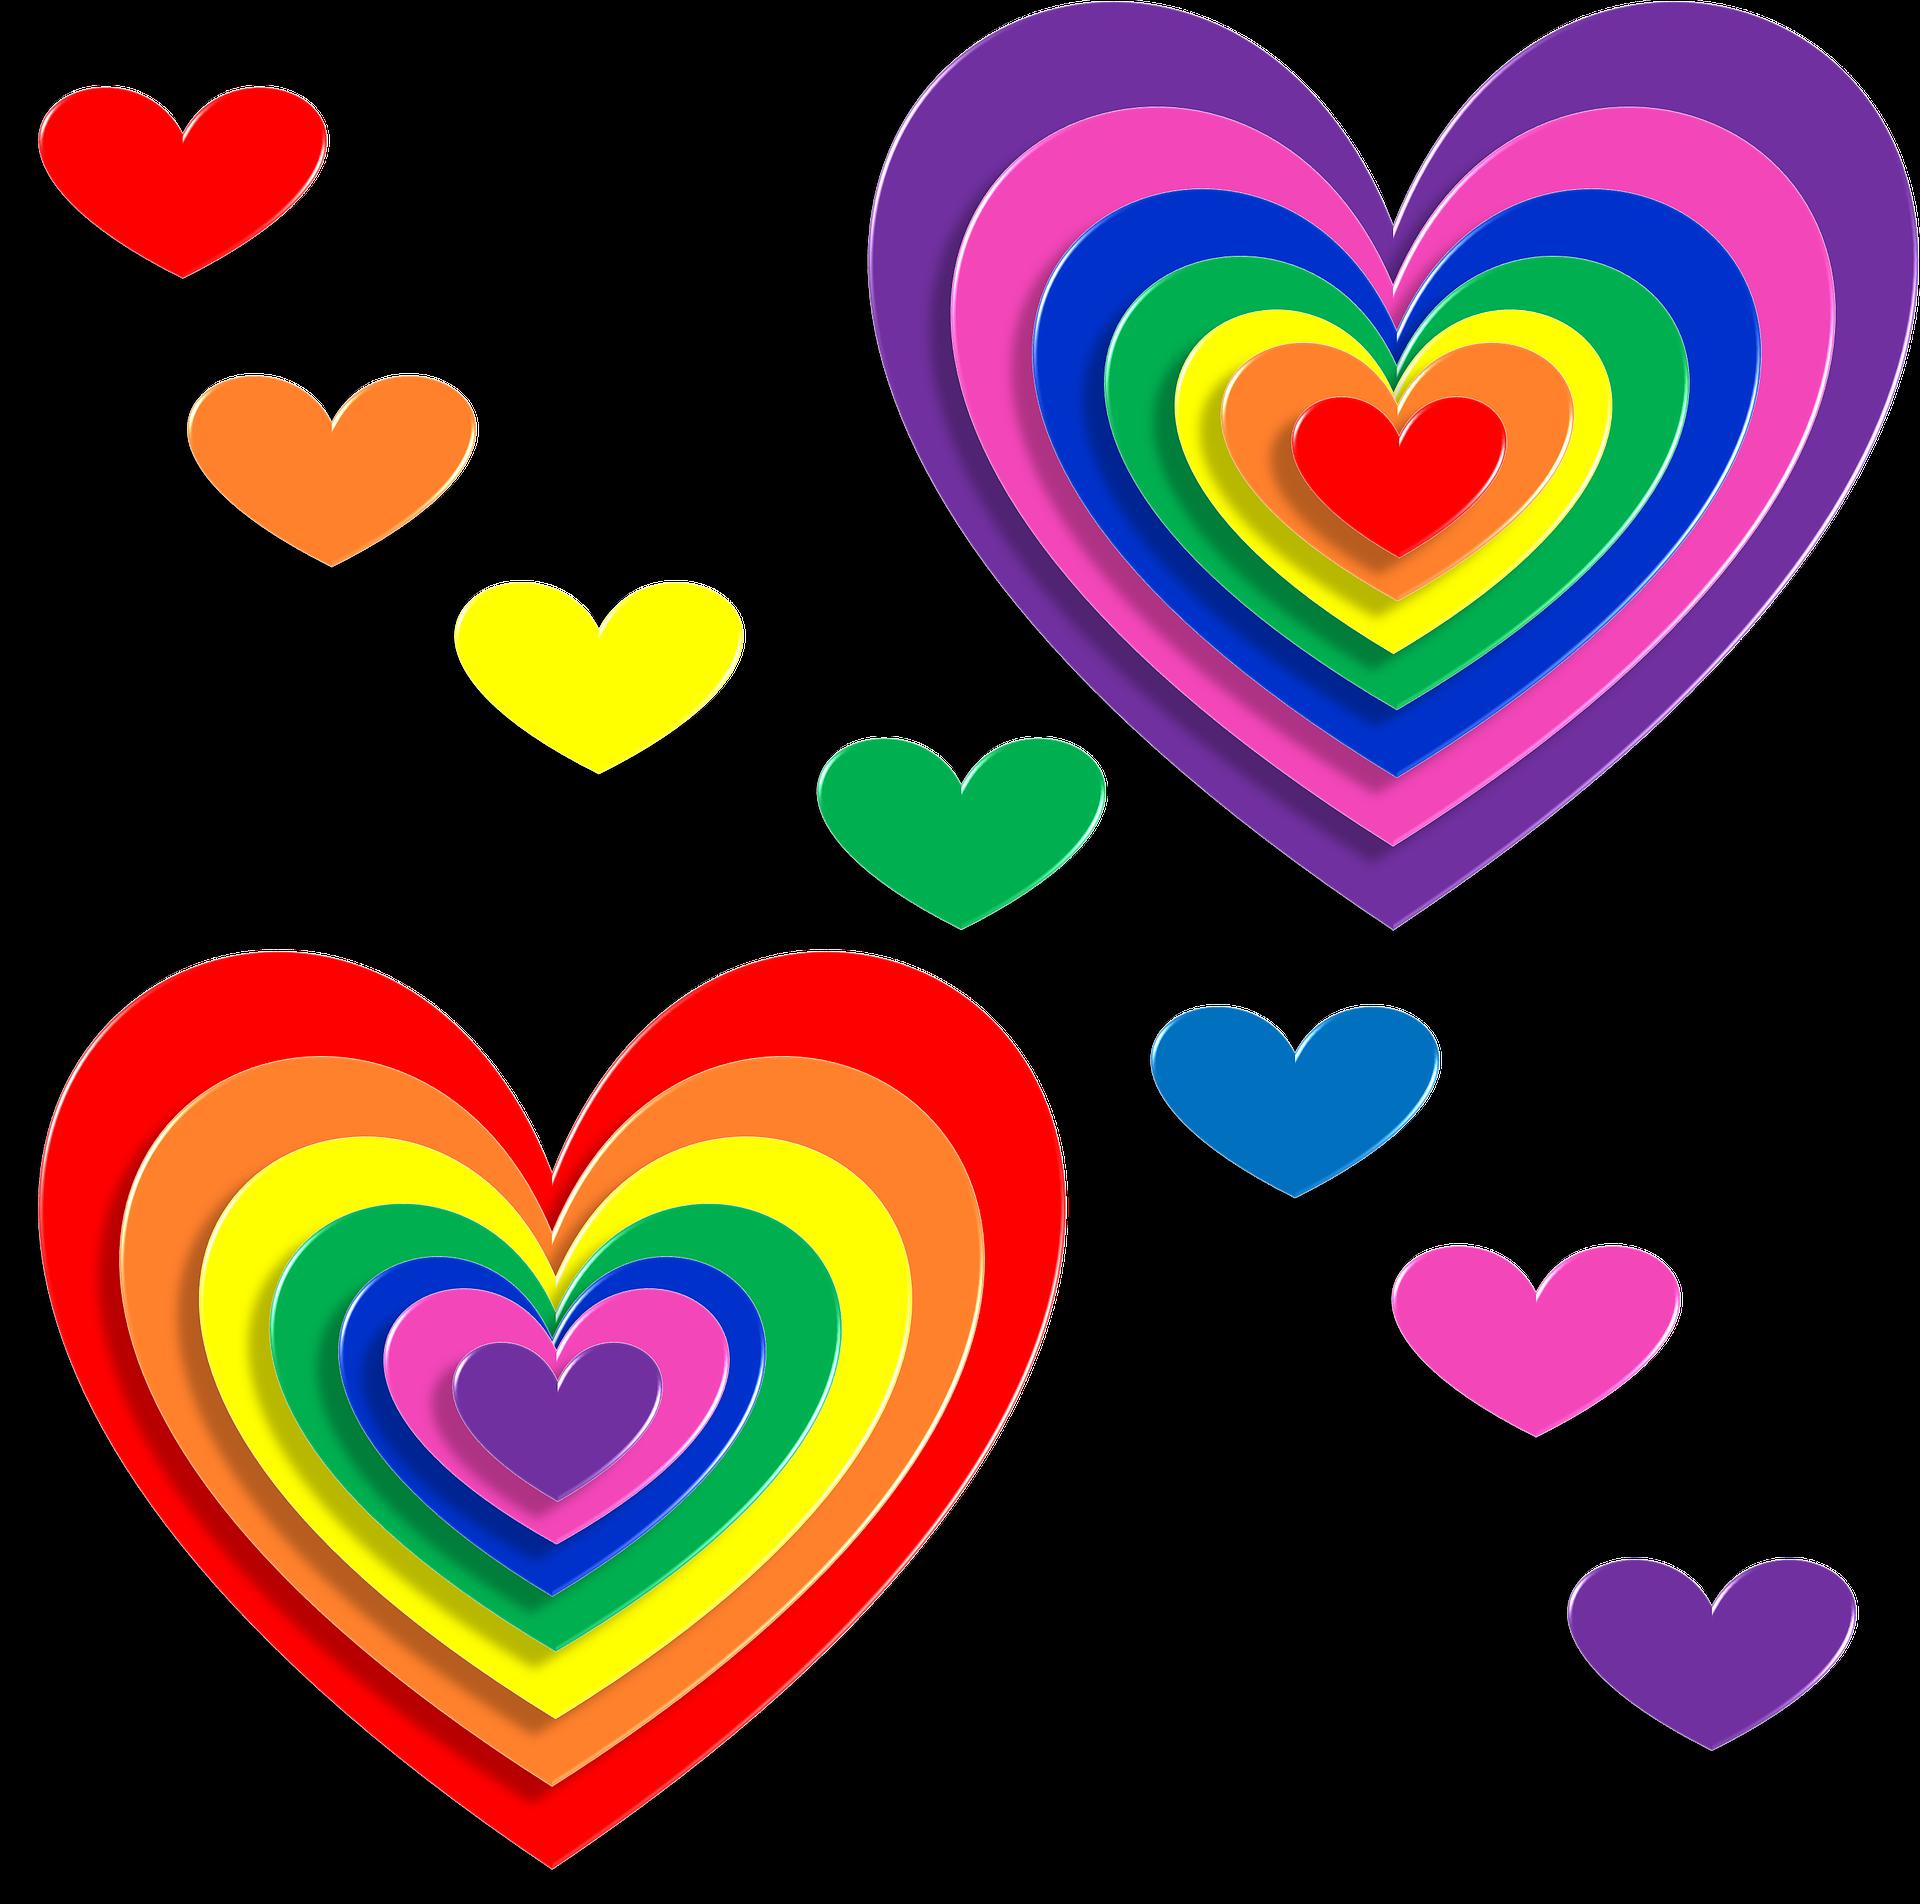 hearts-583063_1920